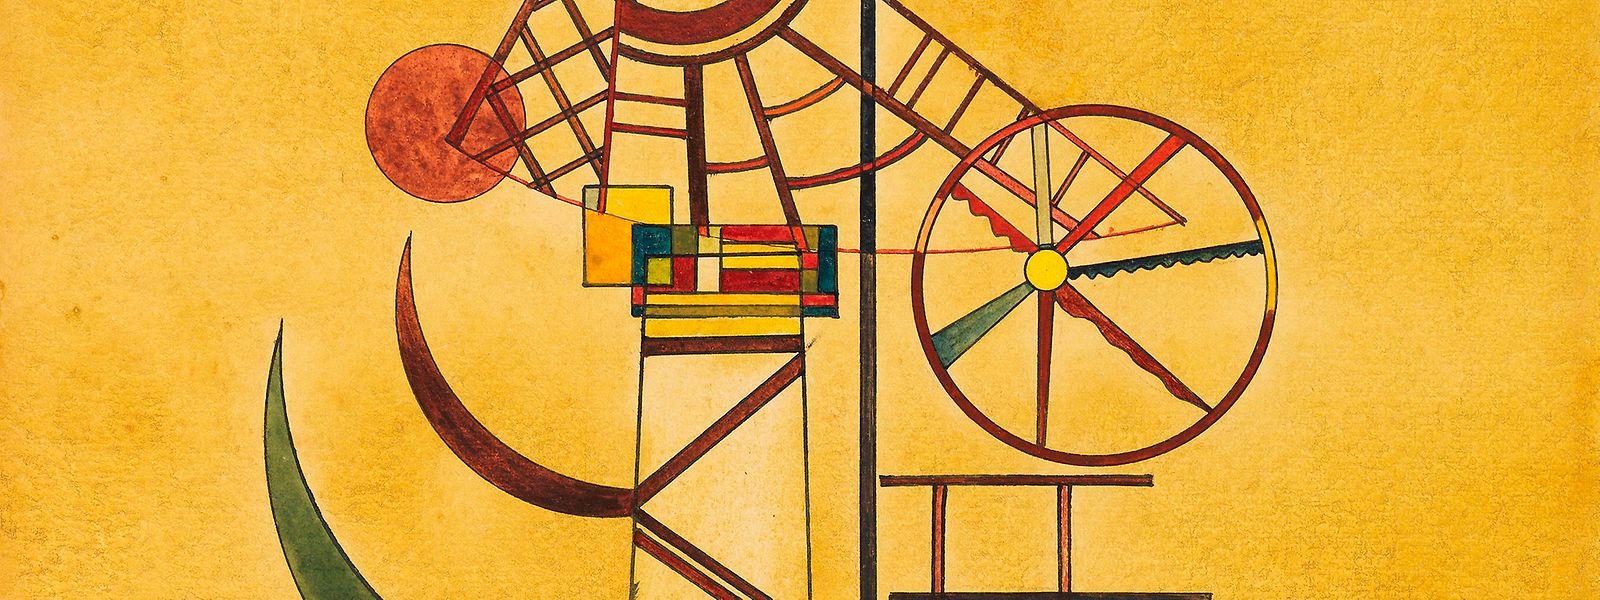 """Das Kunstwerk """"Gebogene Spitzen"""" des russischen Malers Wassily Kandinsky ist undatiert. Das Werk war mehr als 70 Jahre verschollen."""